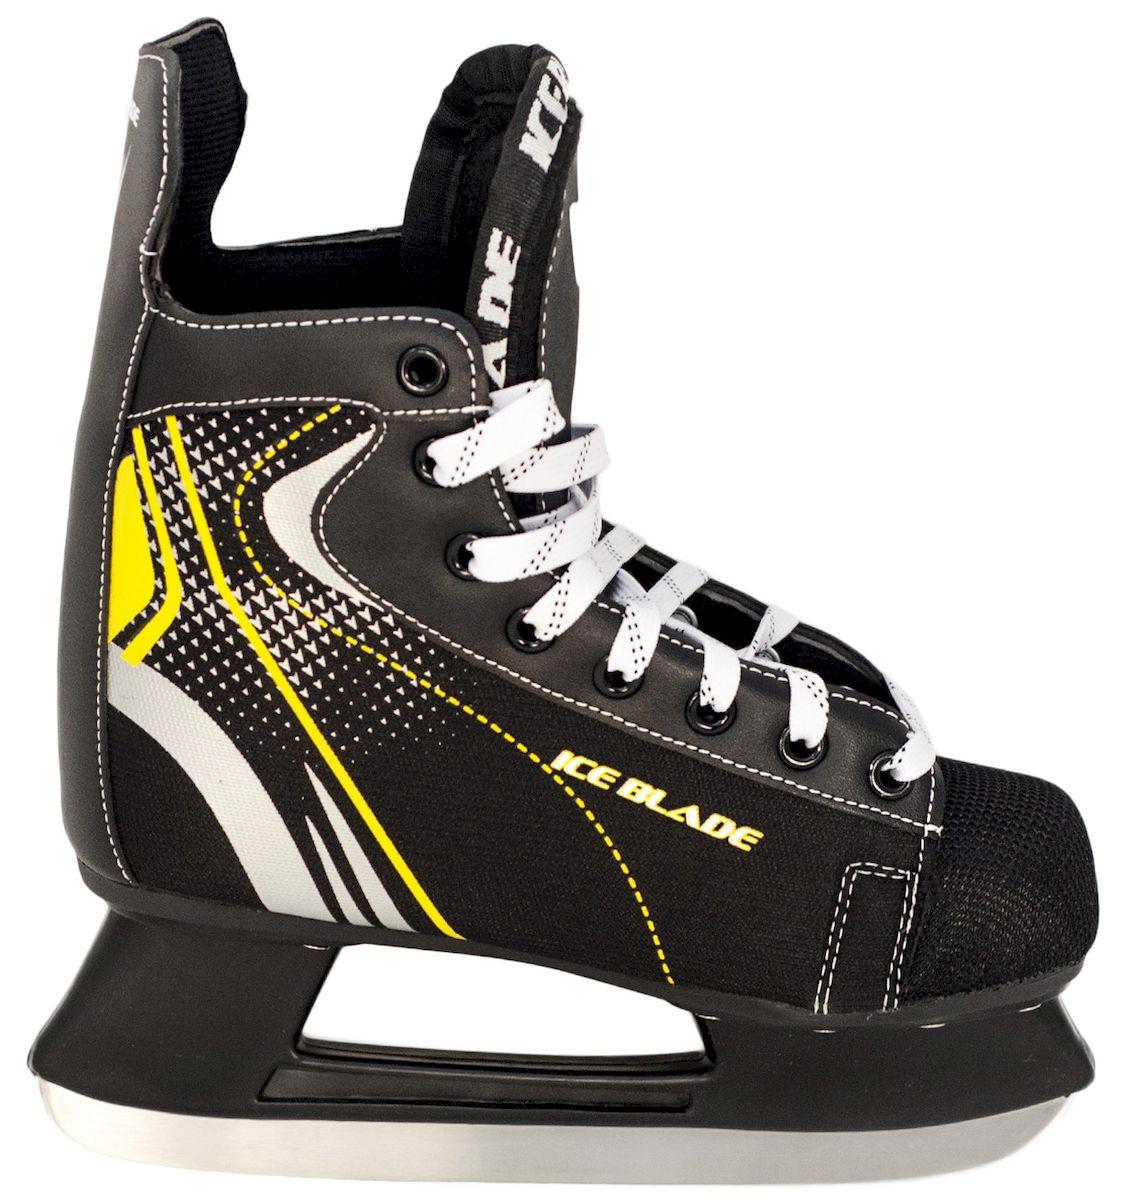 Коньки хоккейные Ice Blade Shark, цвет: черный, желтый. УТ-00006841. Размер 40